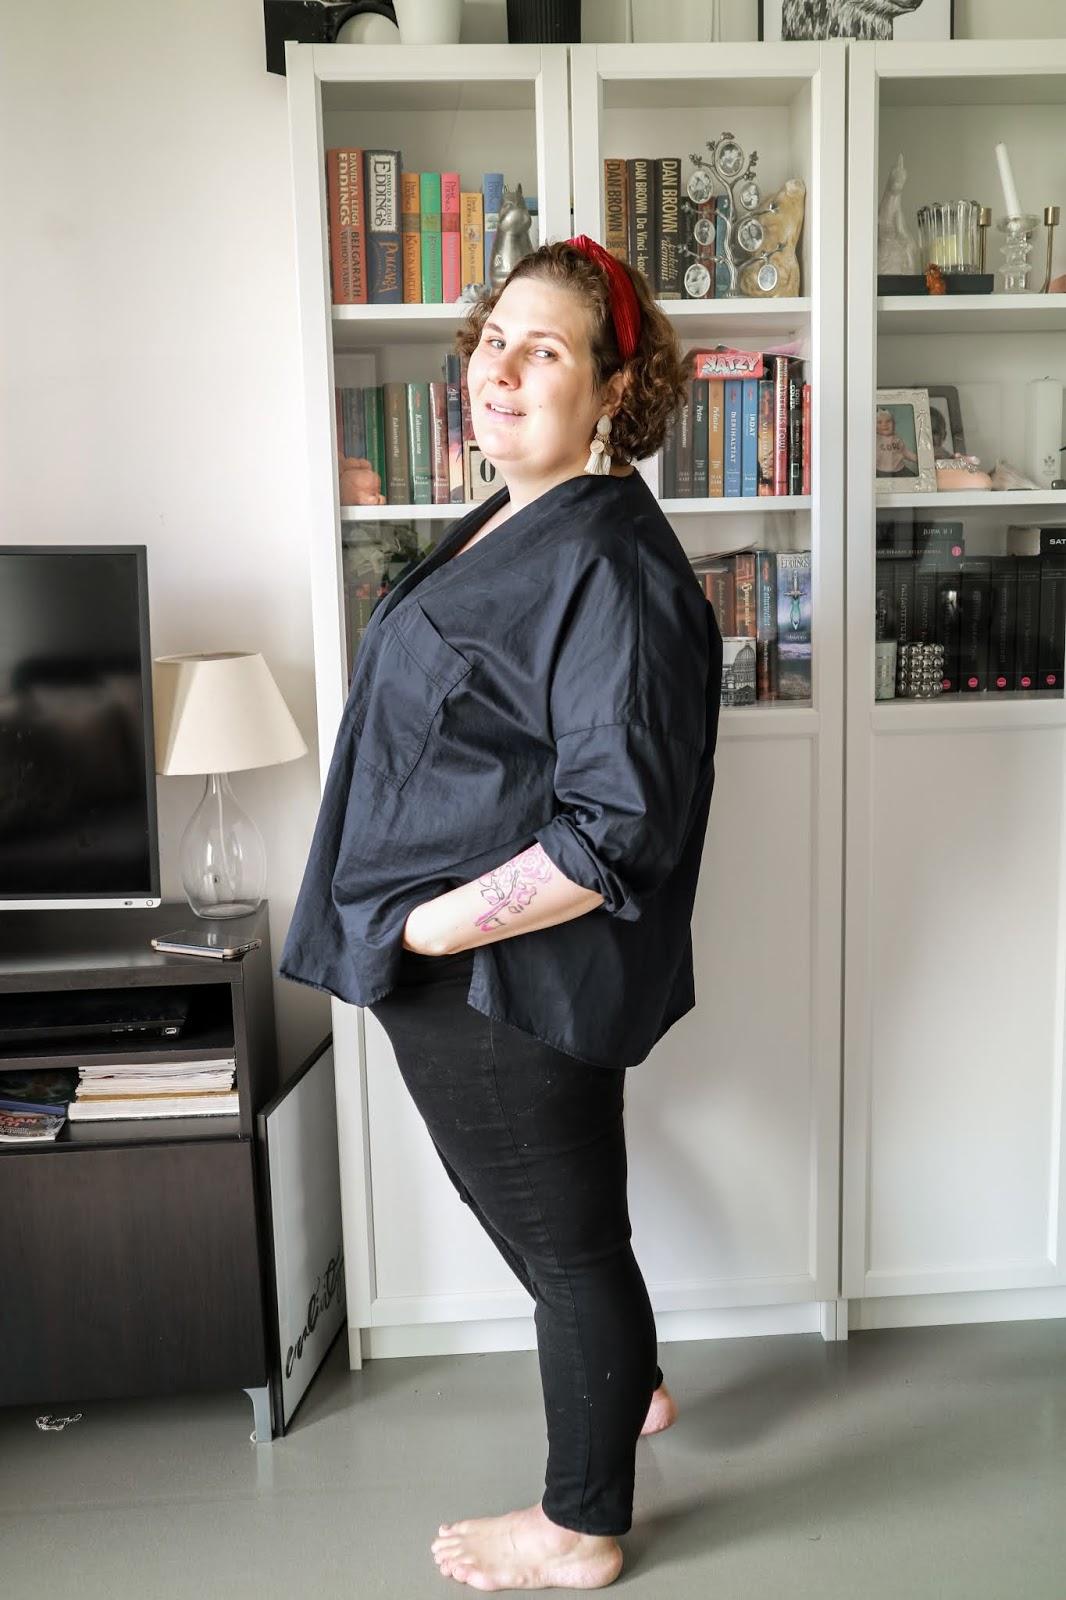 Big mamas home by Jenni S. Kuukauden hankinnat: Heinäkuun alelöydöt